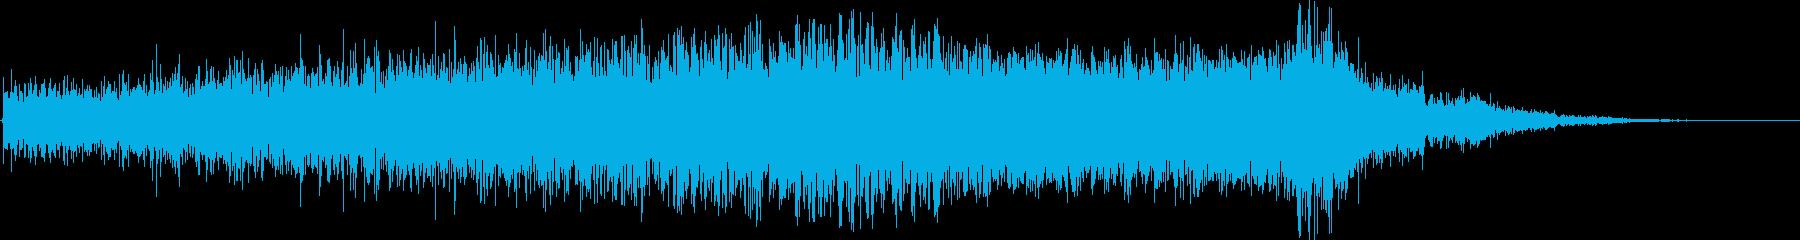 スローフィルターフィルターインと高...の再生済みの波形